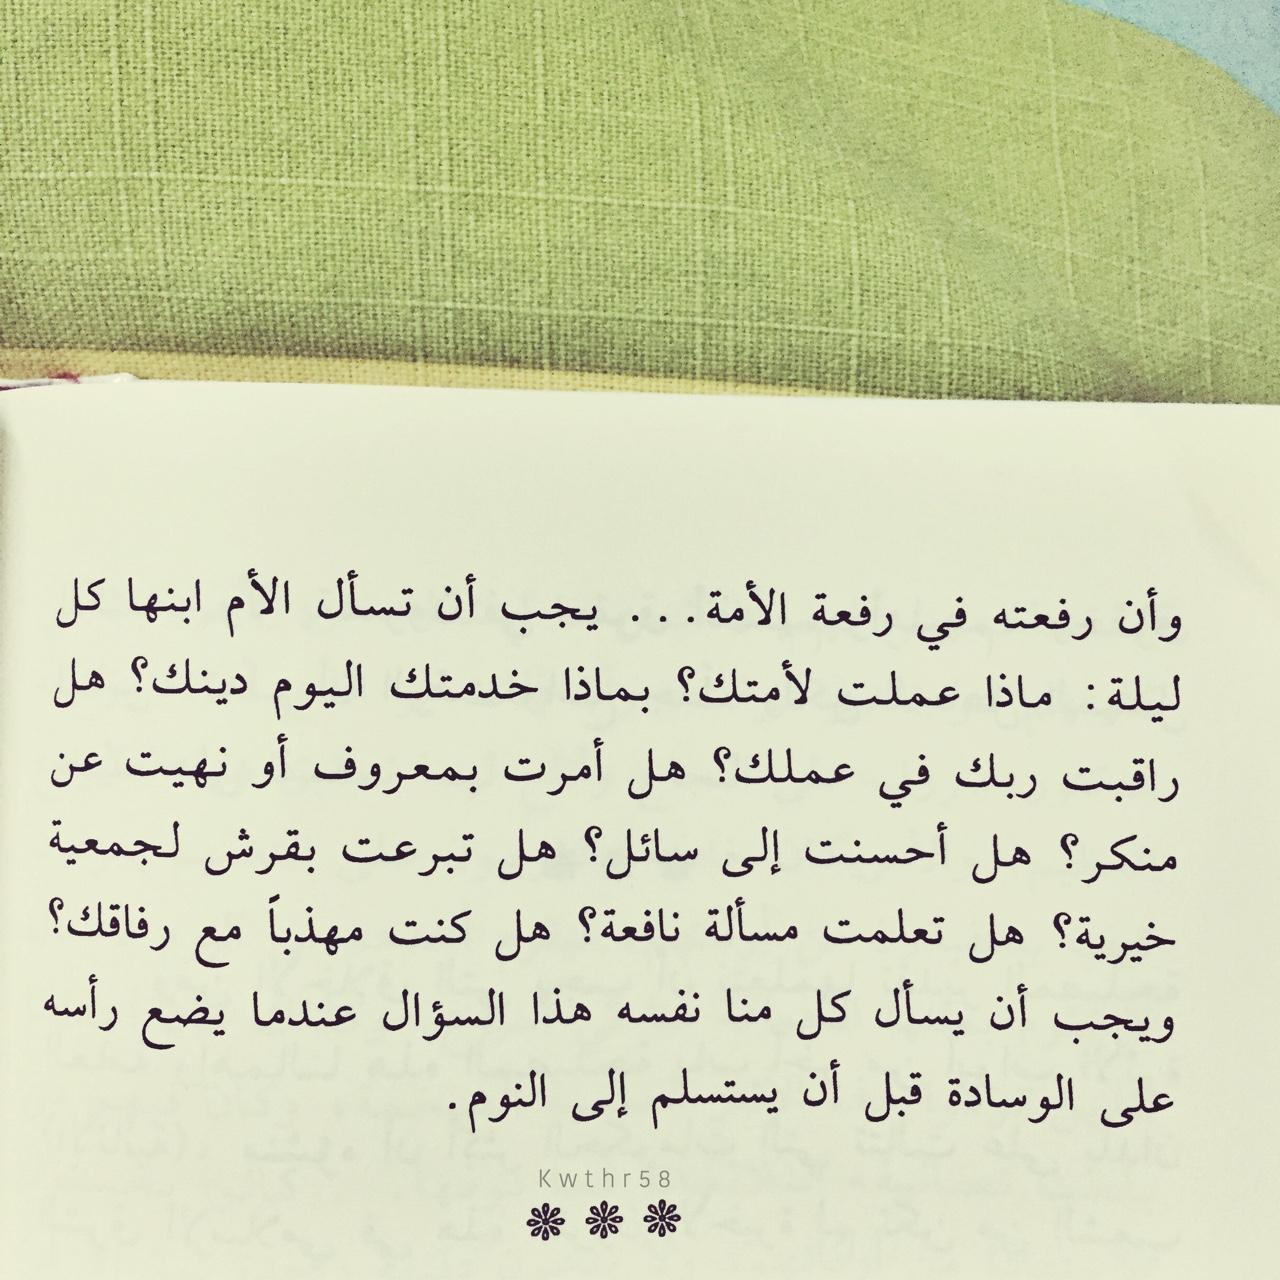 بالصور شعر عن الام الحنونة , كلمات عظيمه لا توفي حق امي 1636 5